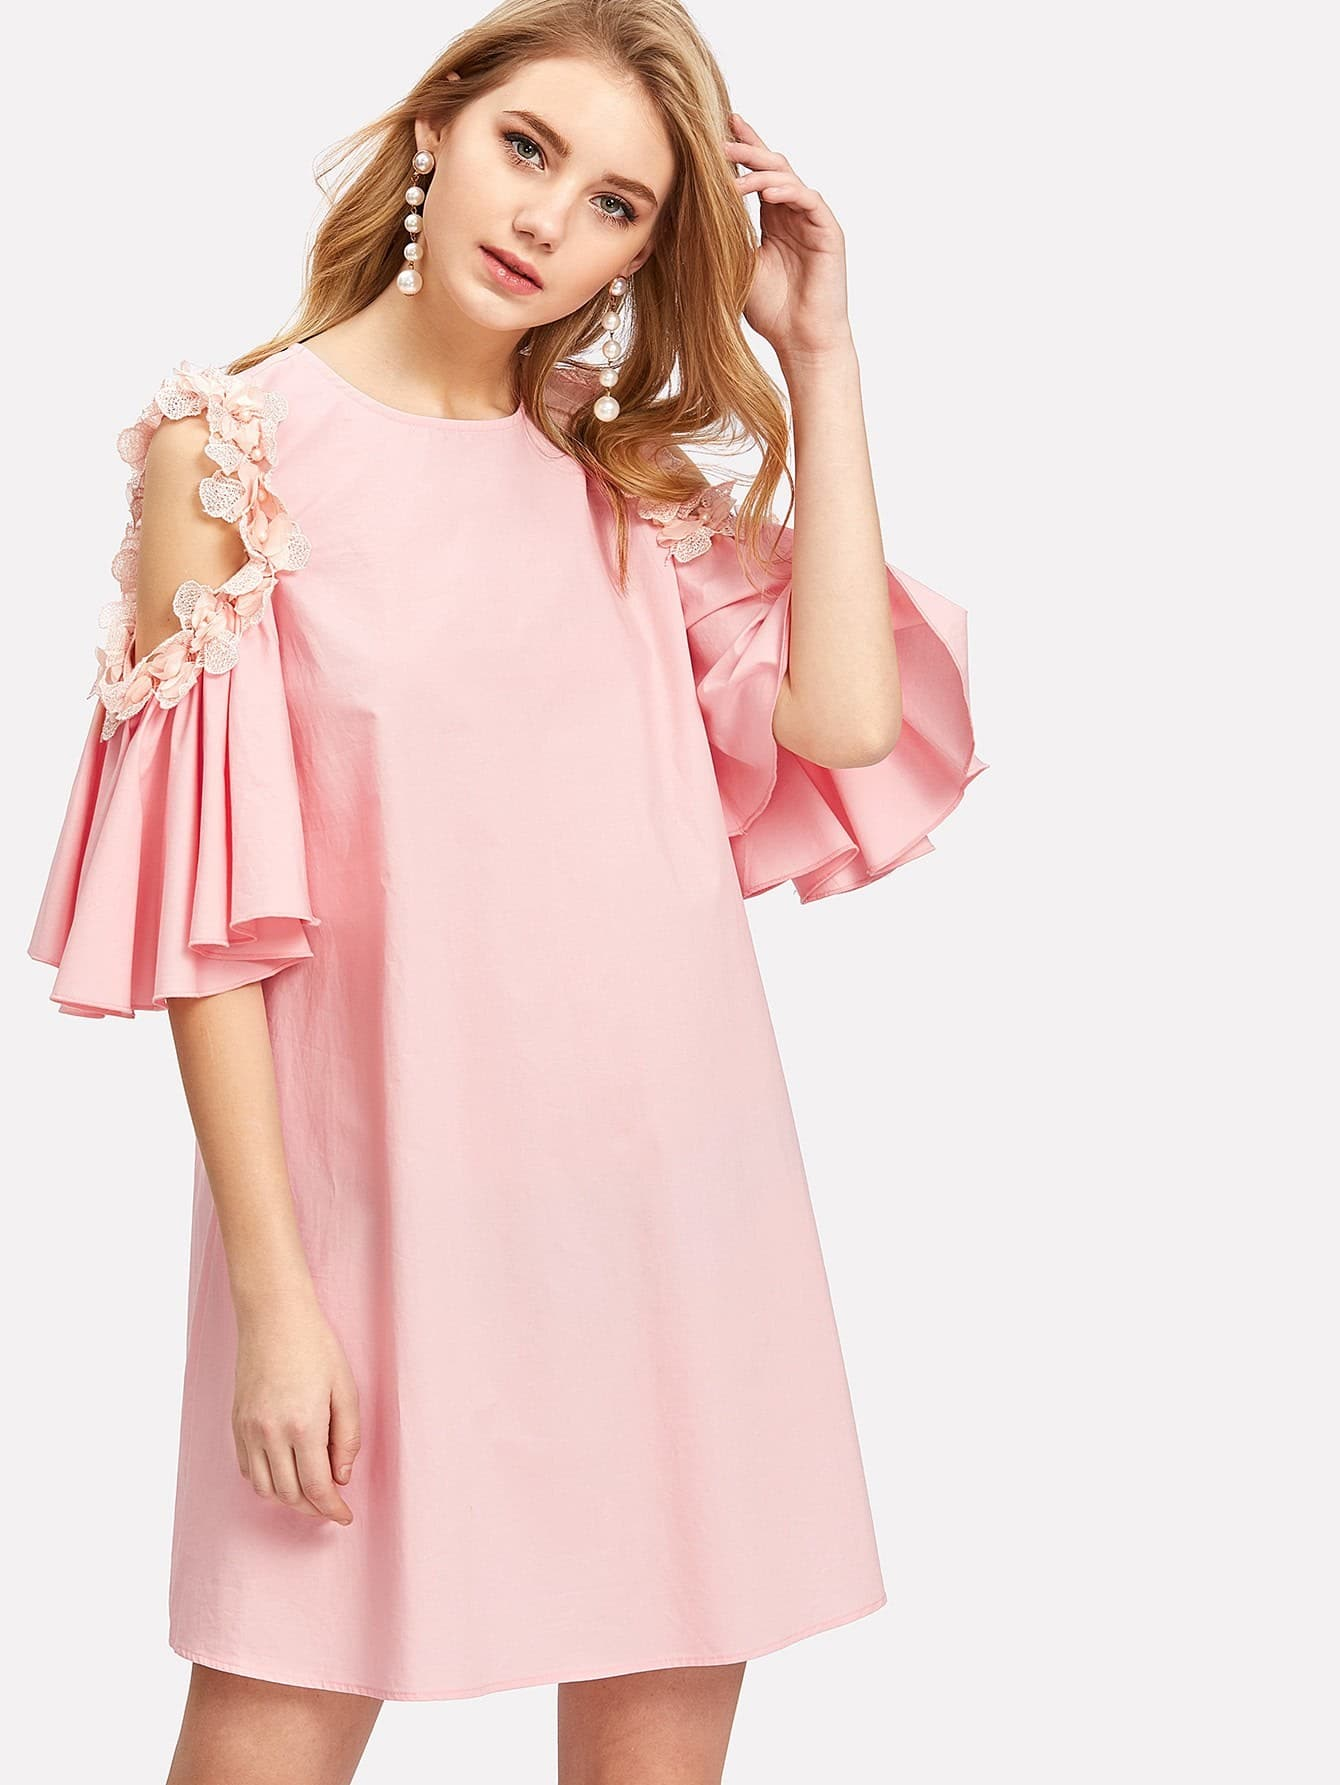 Pearl And Applique Embellished Cold Shoulder Dress